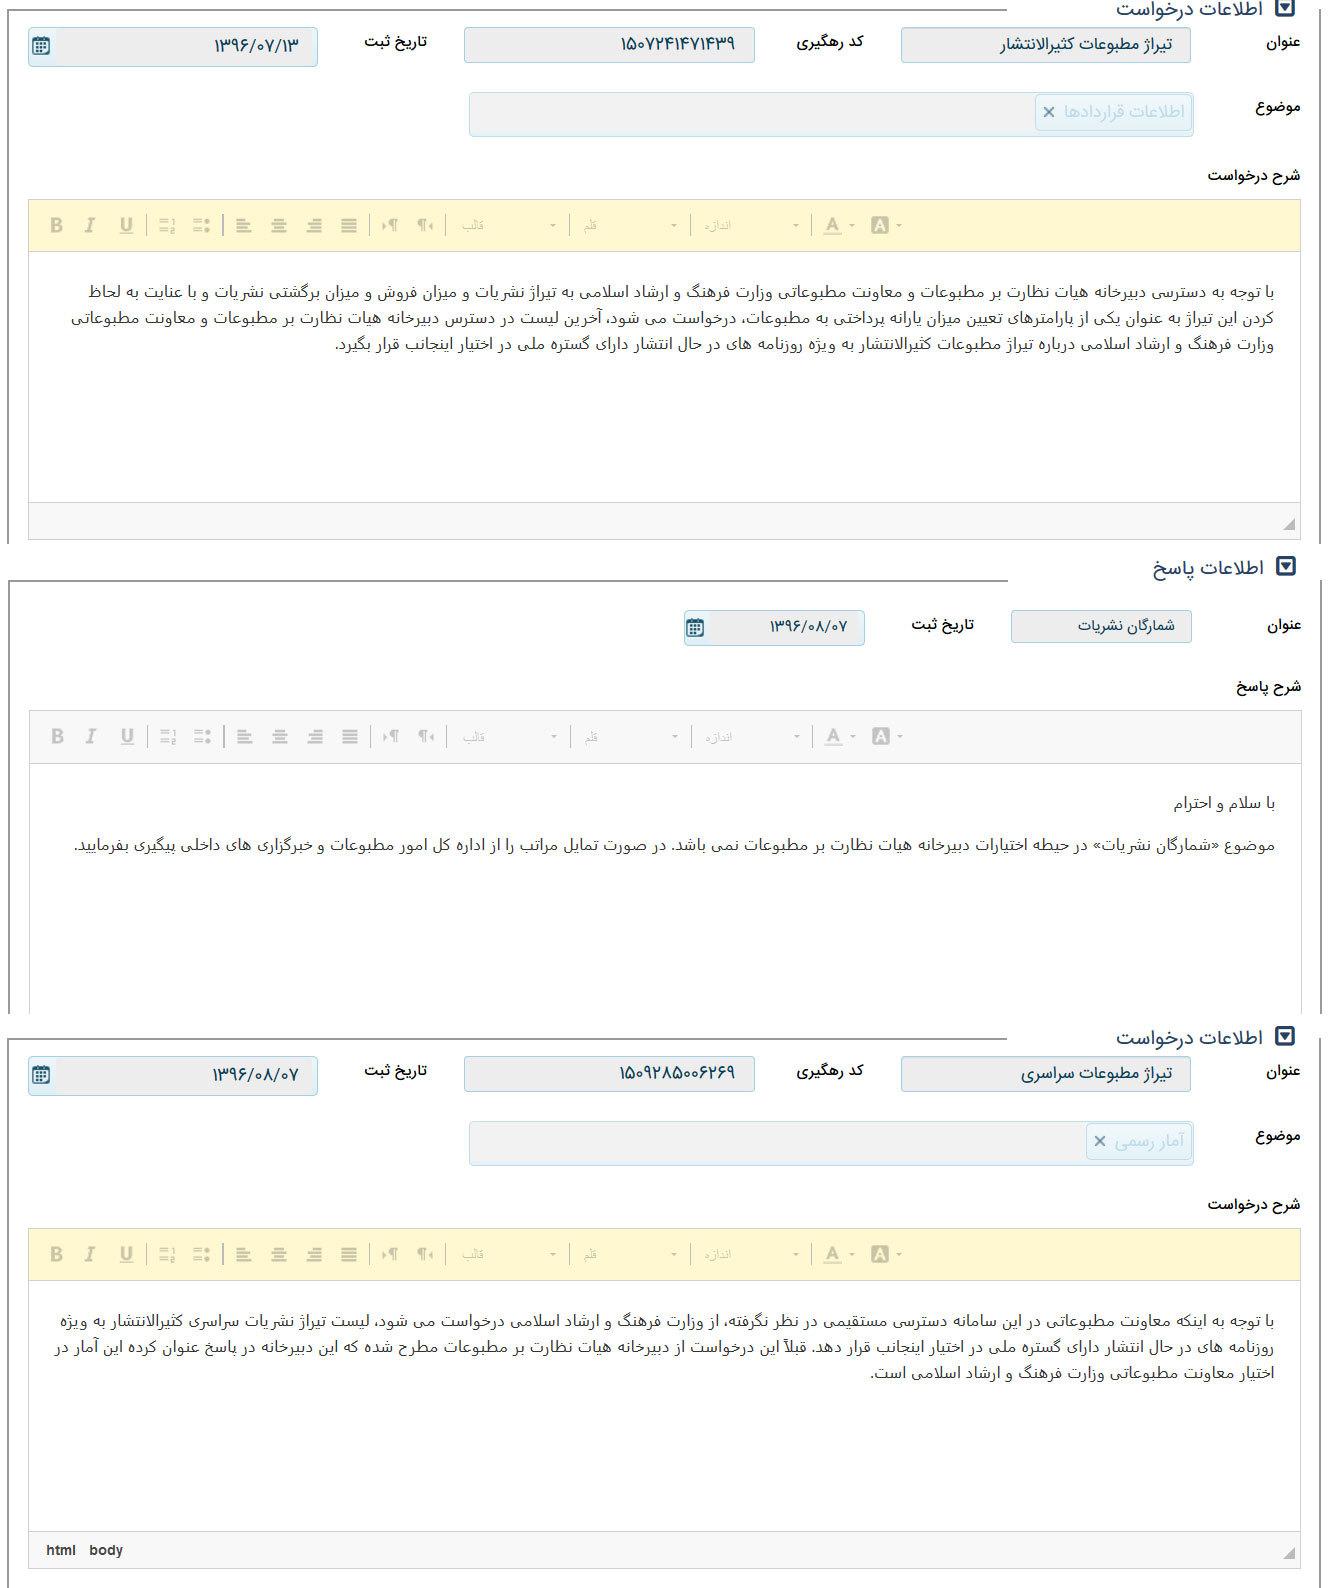 خودداری از انتشار اسناد کلان مالی جشنواره فیلم فجر و قراردادهای سینمایی، تیراژ مطبوعات